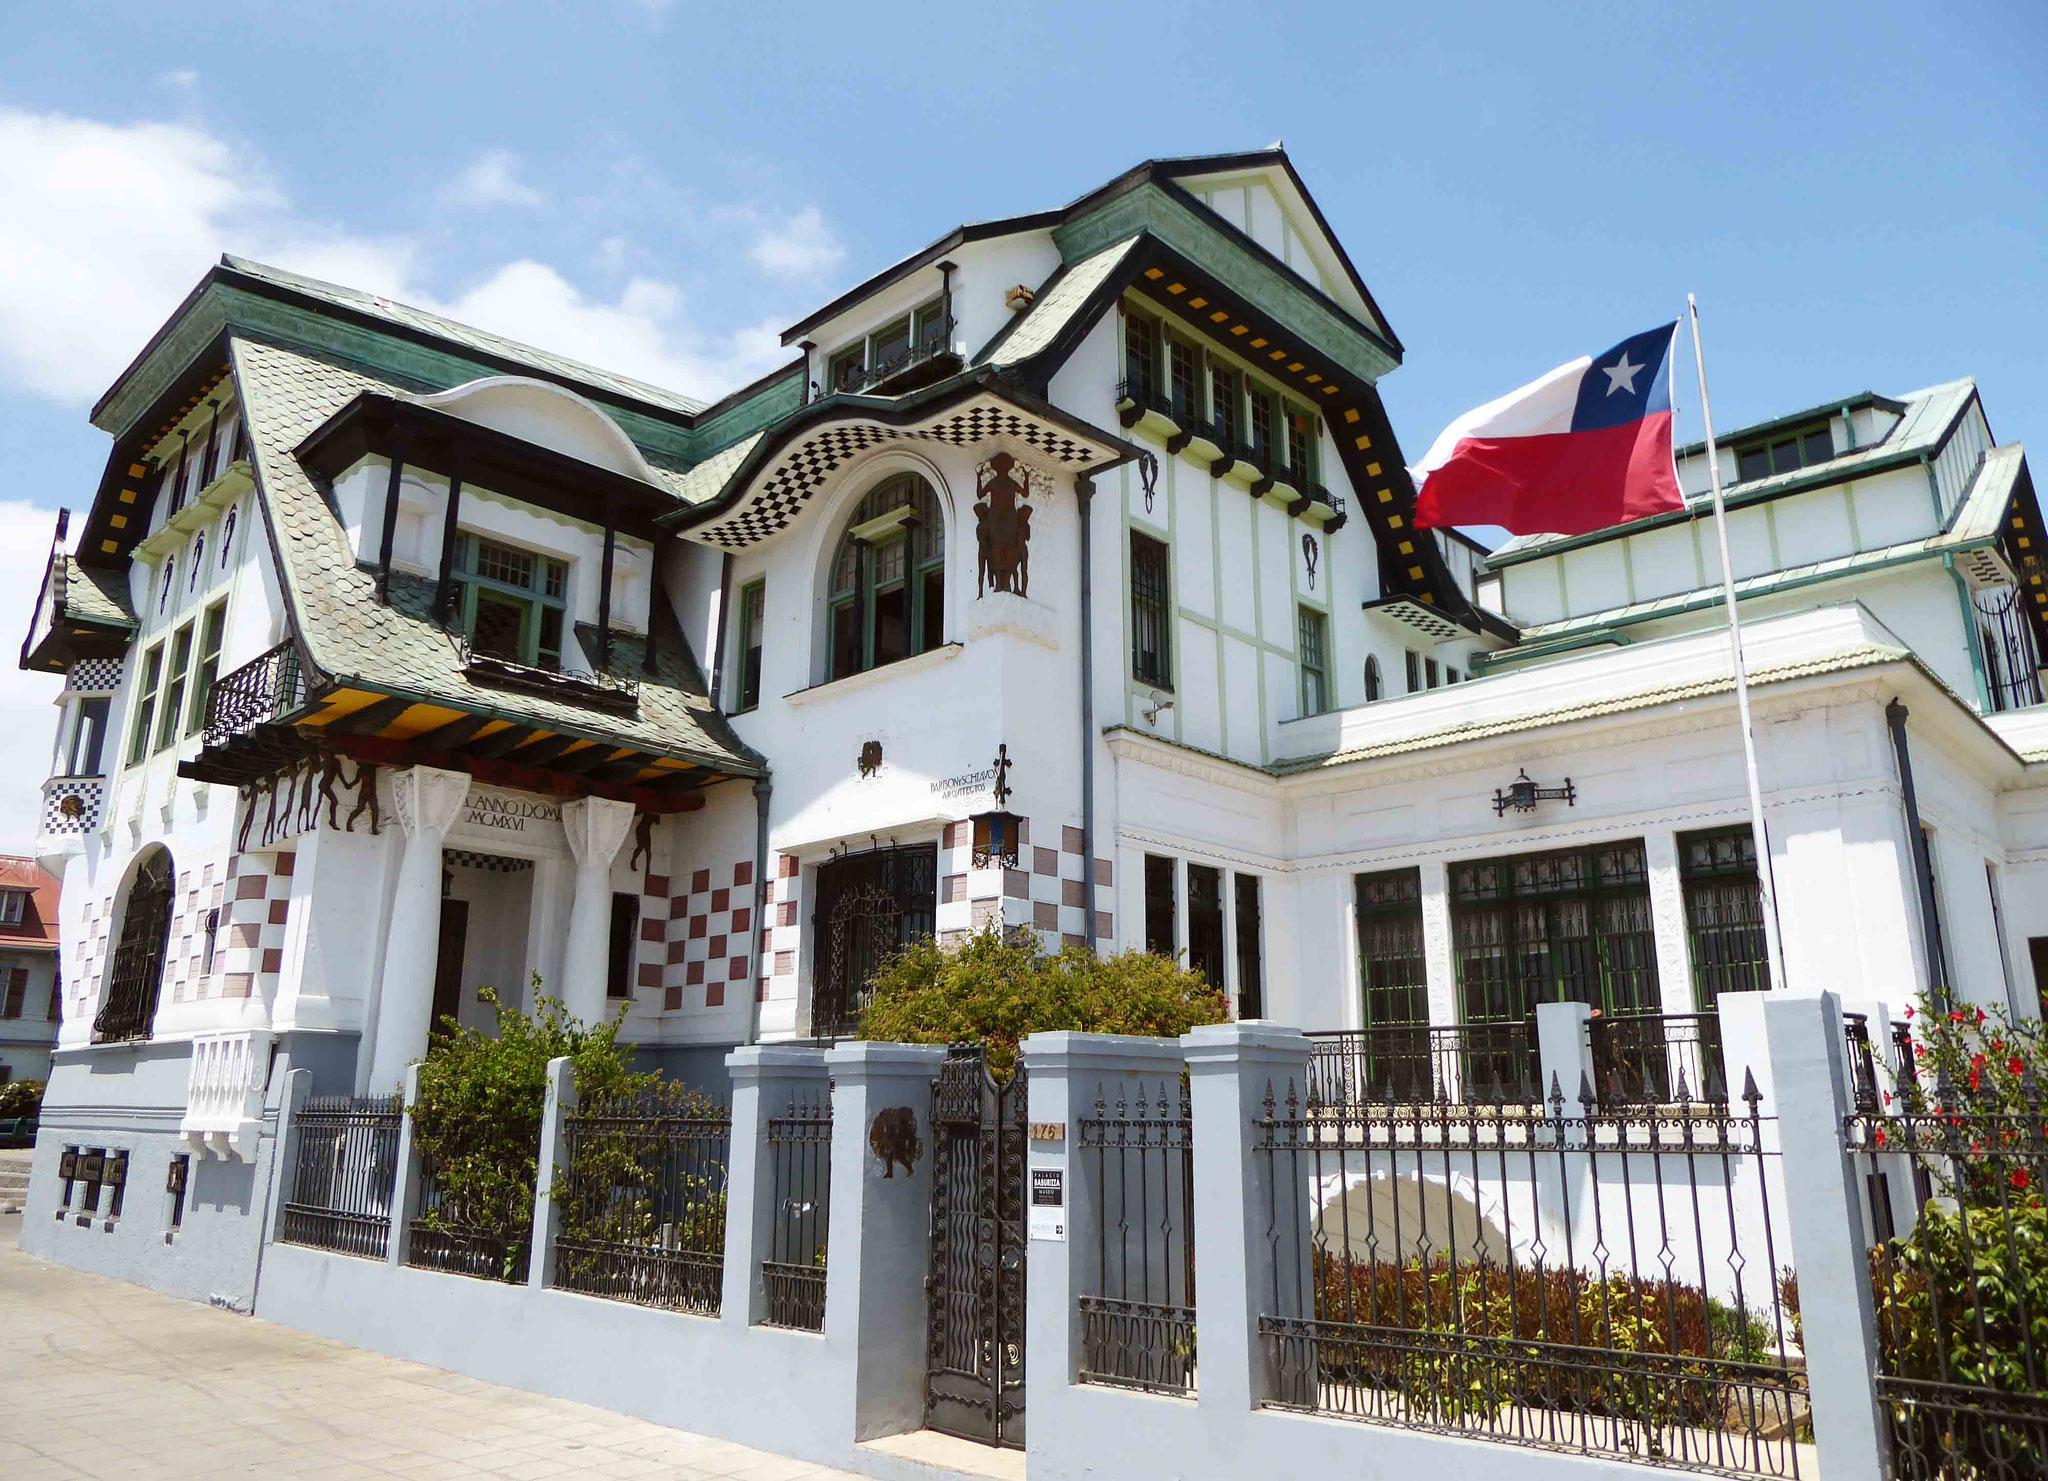 Le splendide Palacio Baburizza qui date de 1916 sur le Cerro Alegre